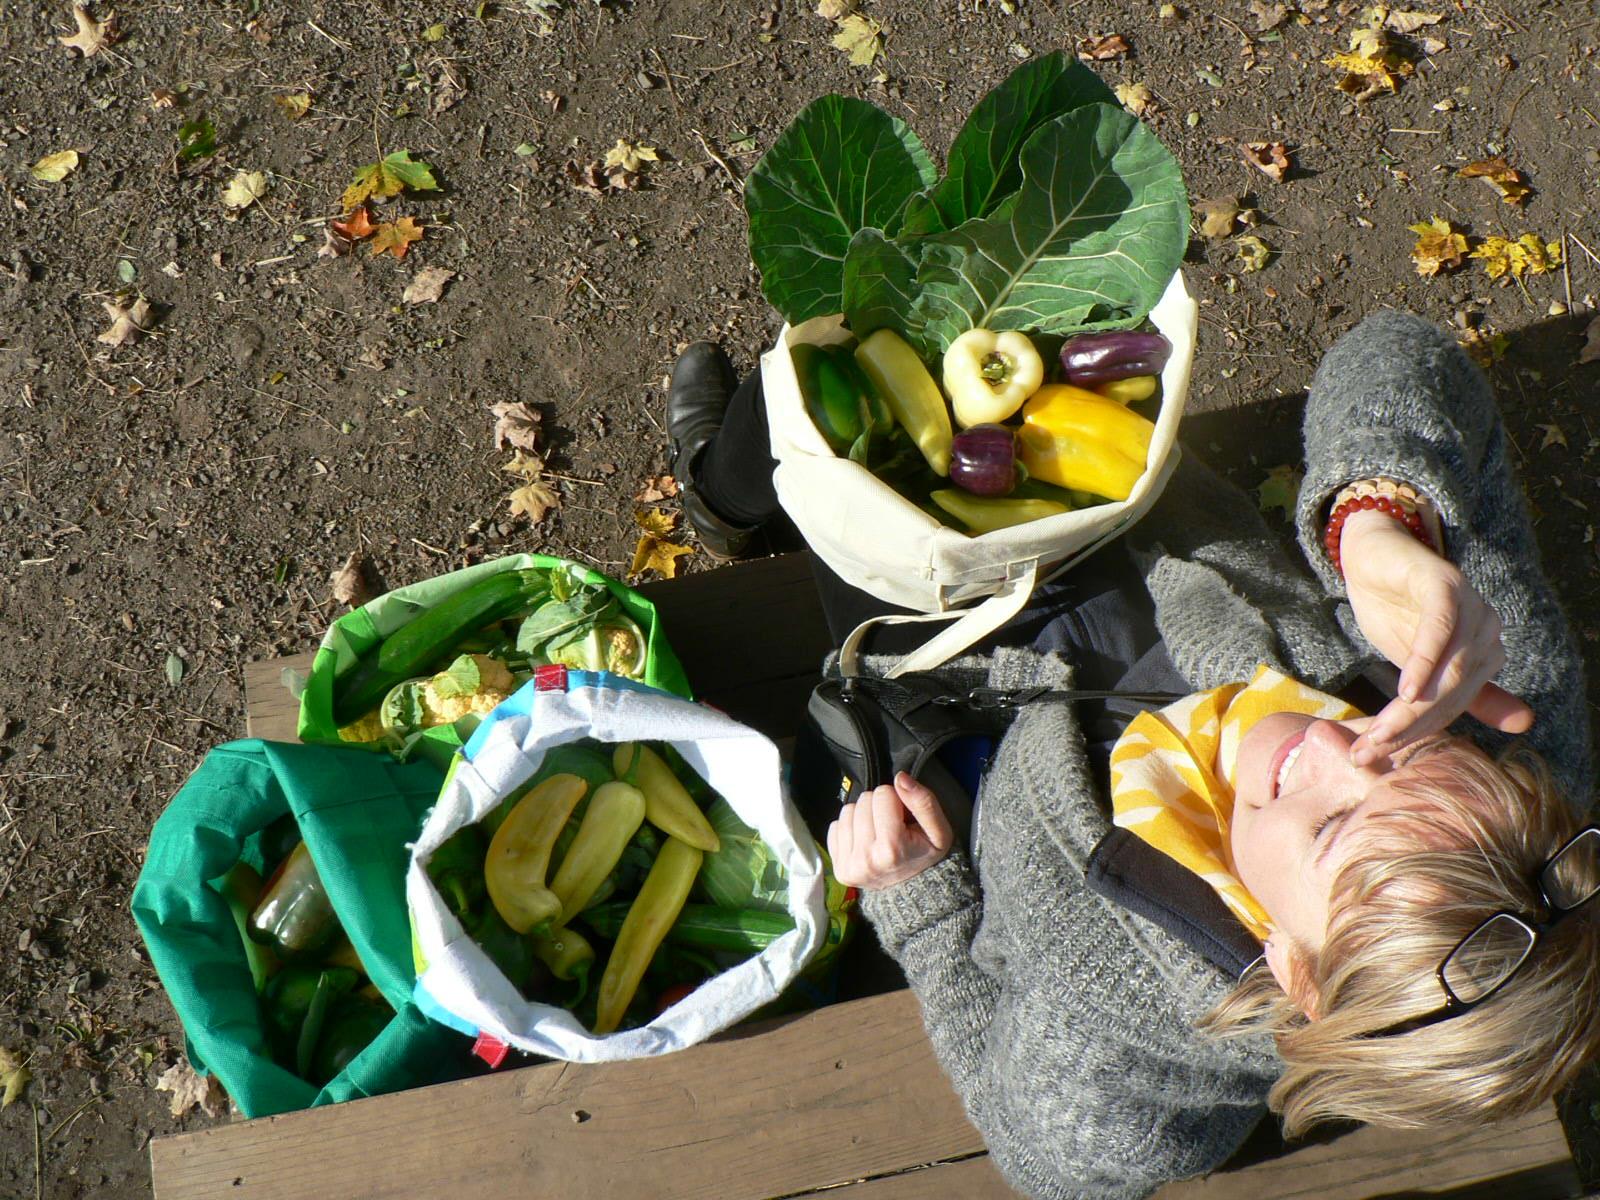 bags of veggies